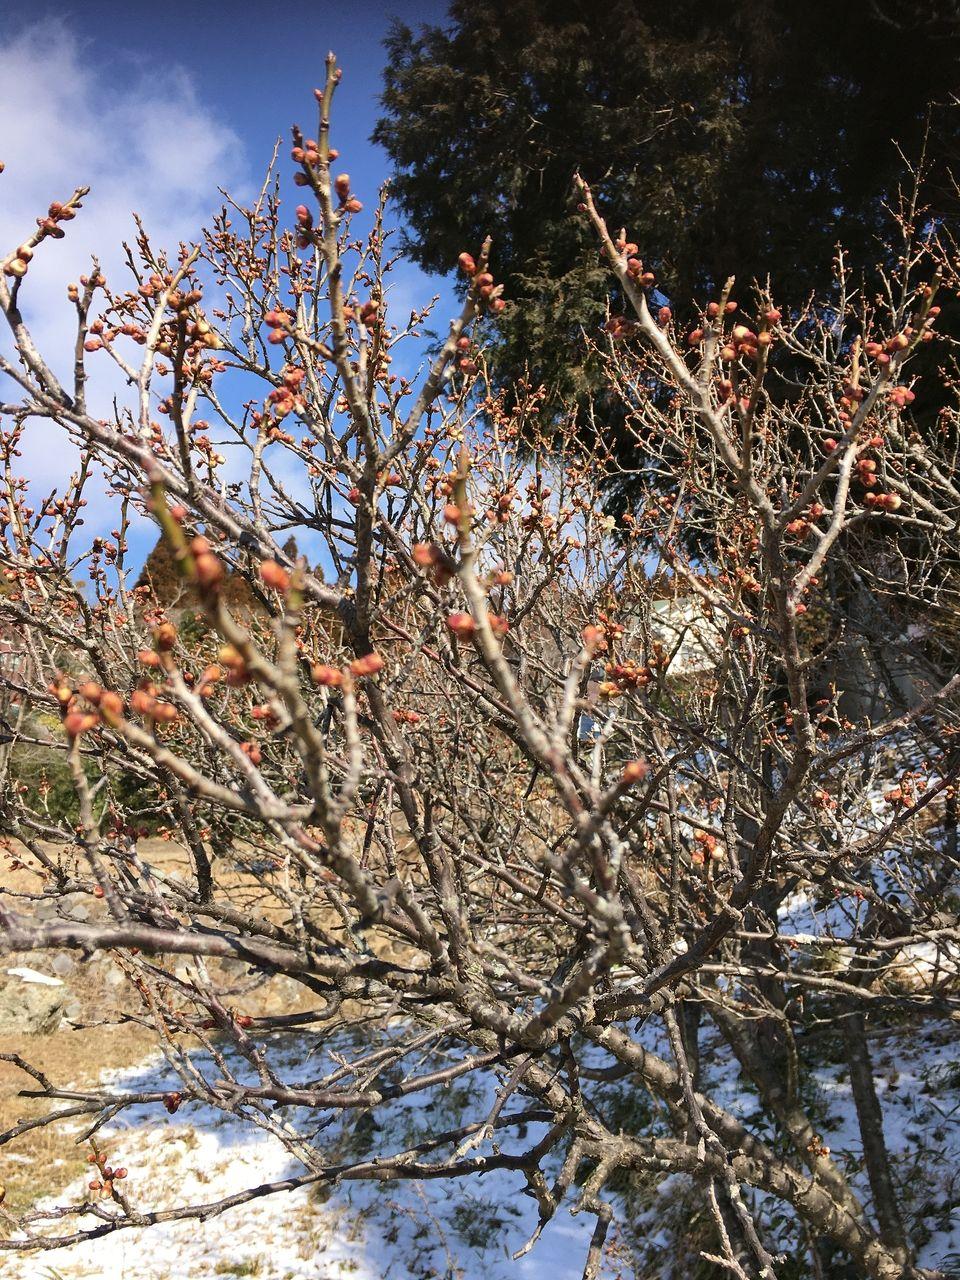 雪の中にも春の訪れを感じさせてくれる南阿蘇